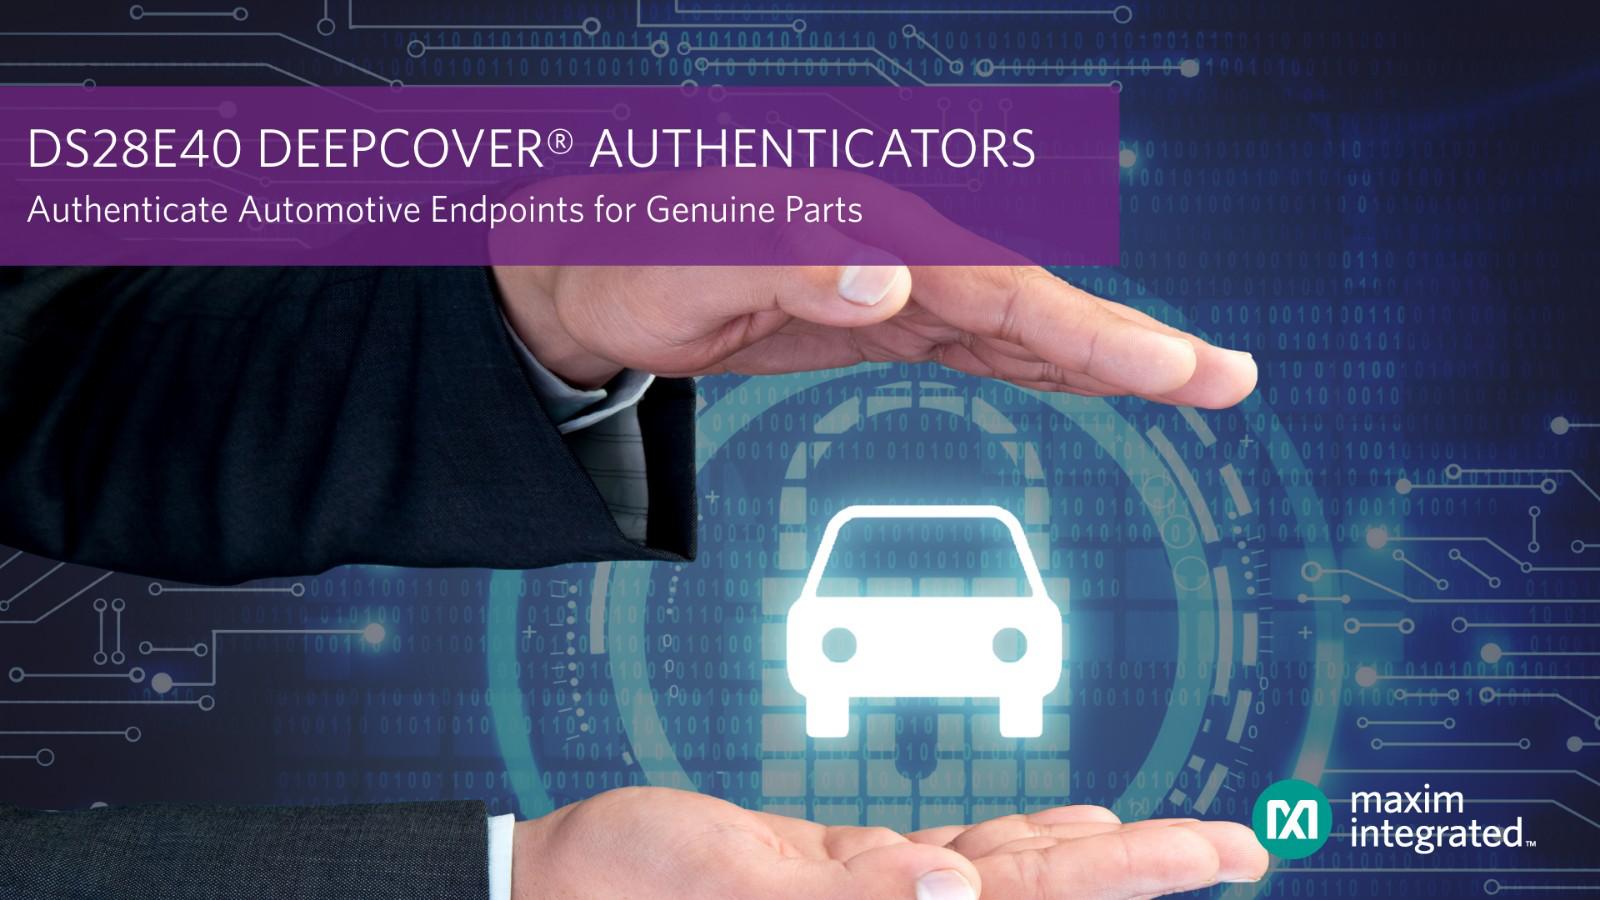 Maxim发布最新汽车级安全认证器,大幅提升汽车安全性和可靠性